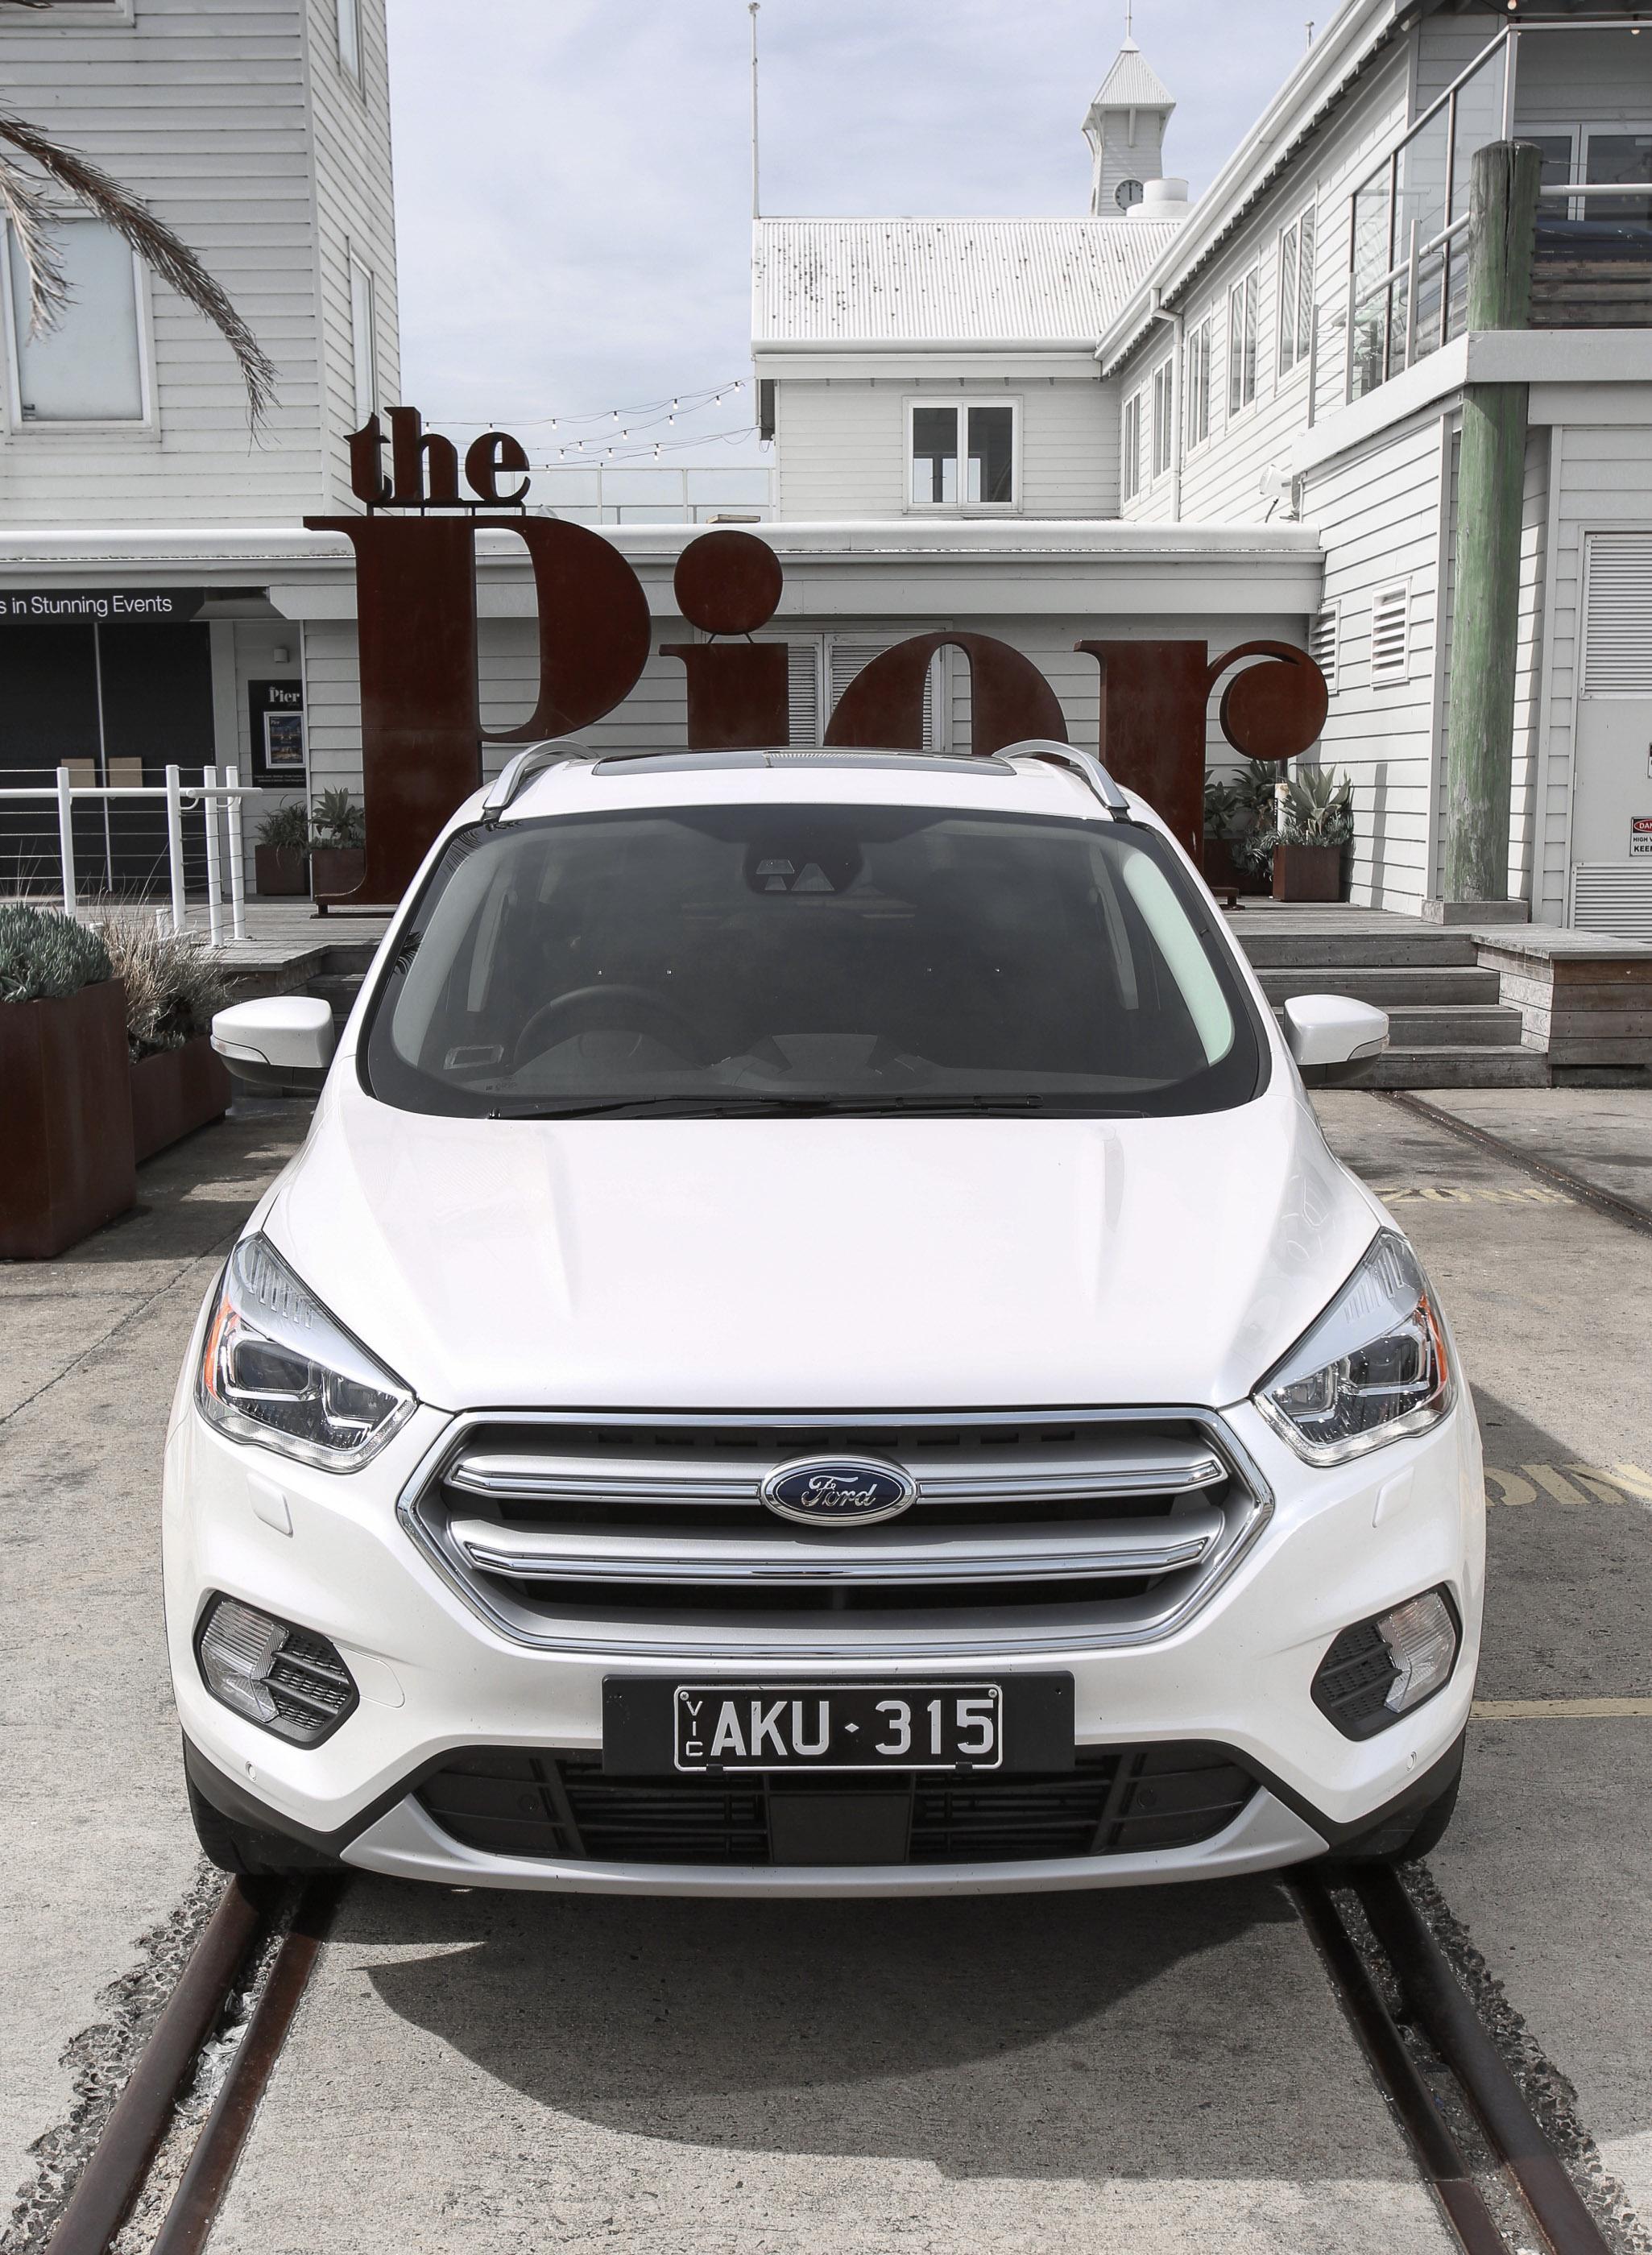 Ford Escape photo 171885